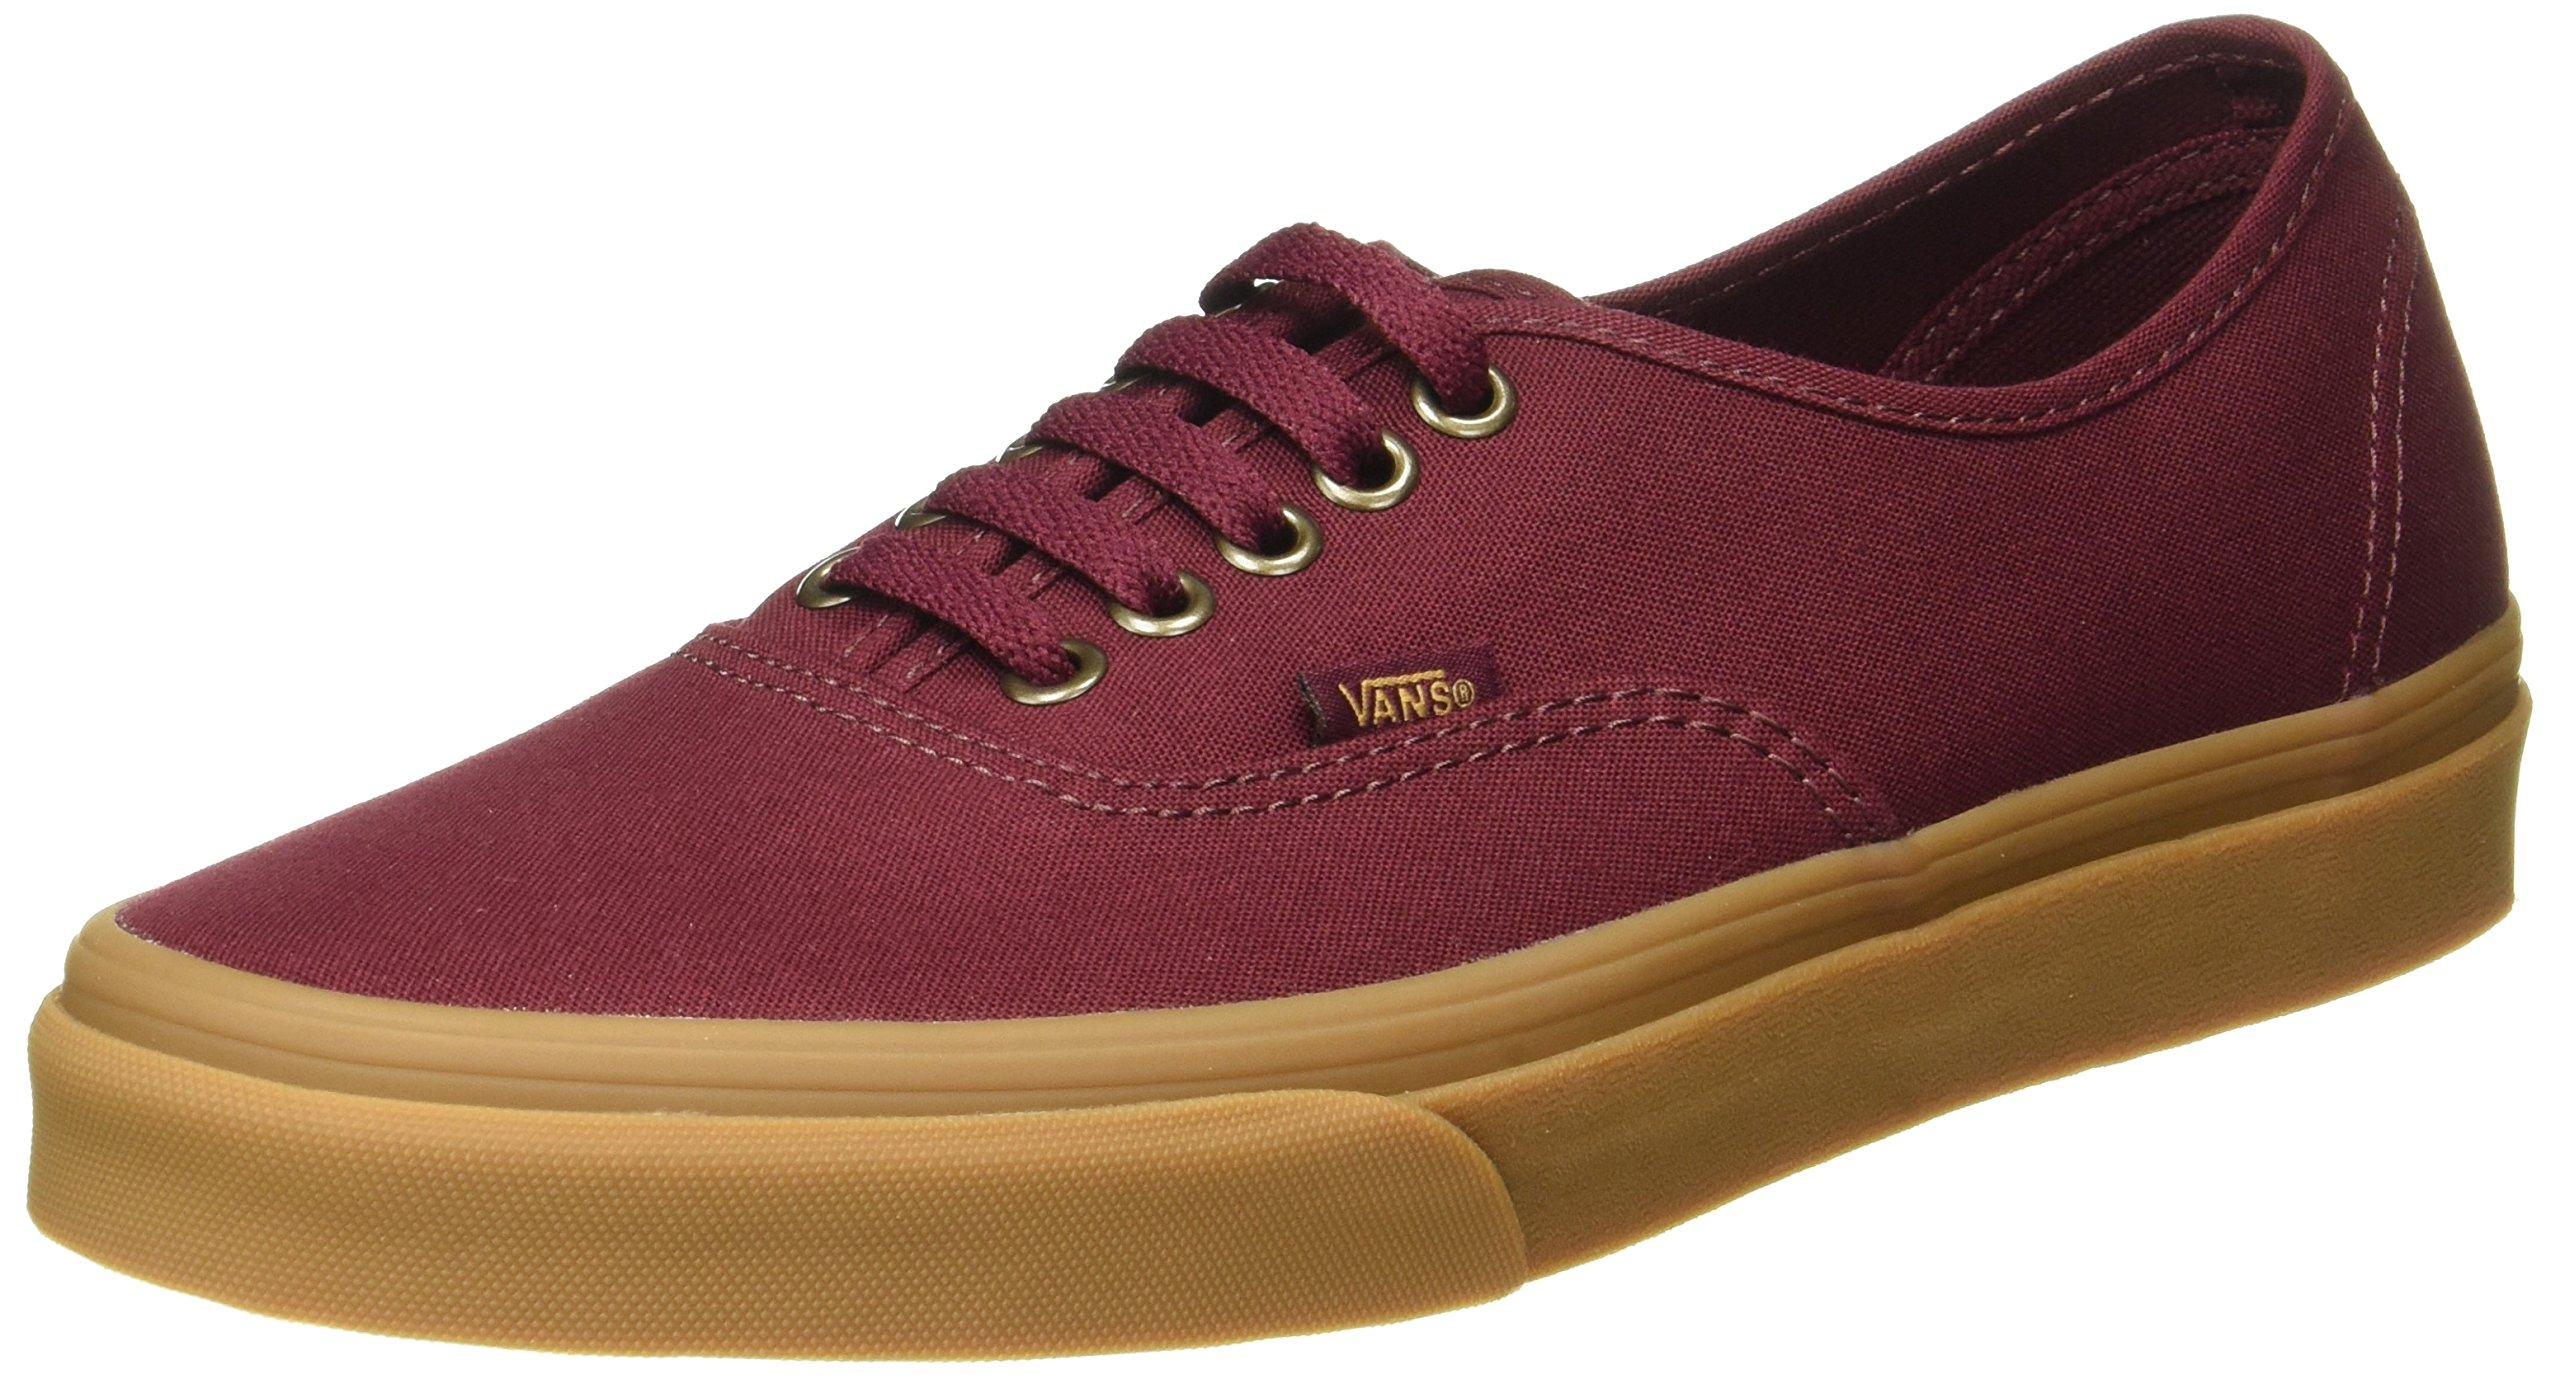 Vans Men Authentic - Light Gum burgundy port royale gum Size 12.0 US